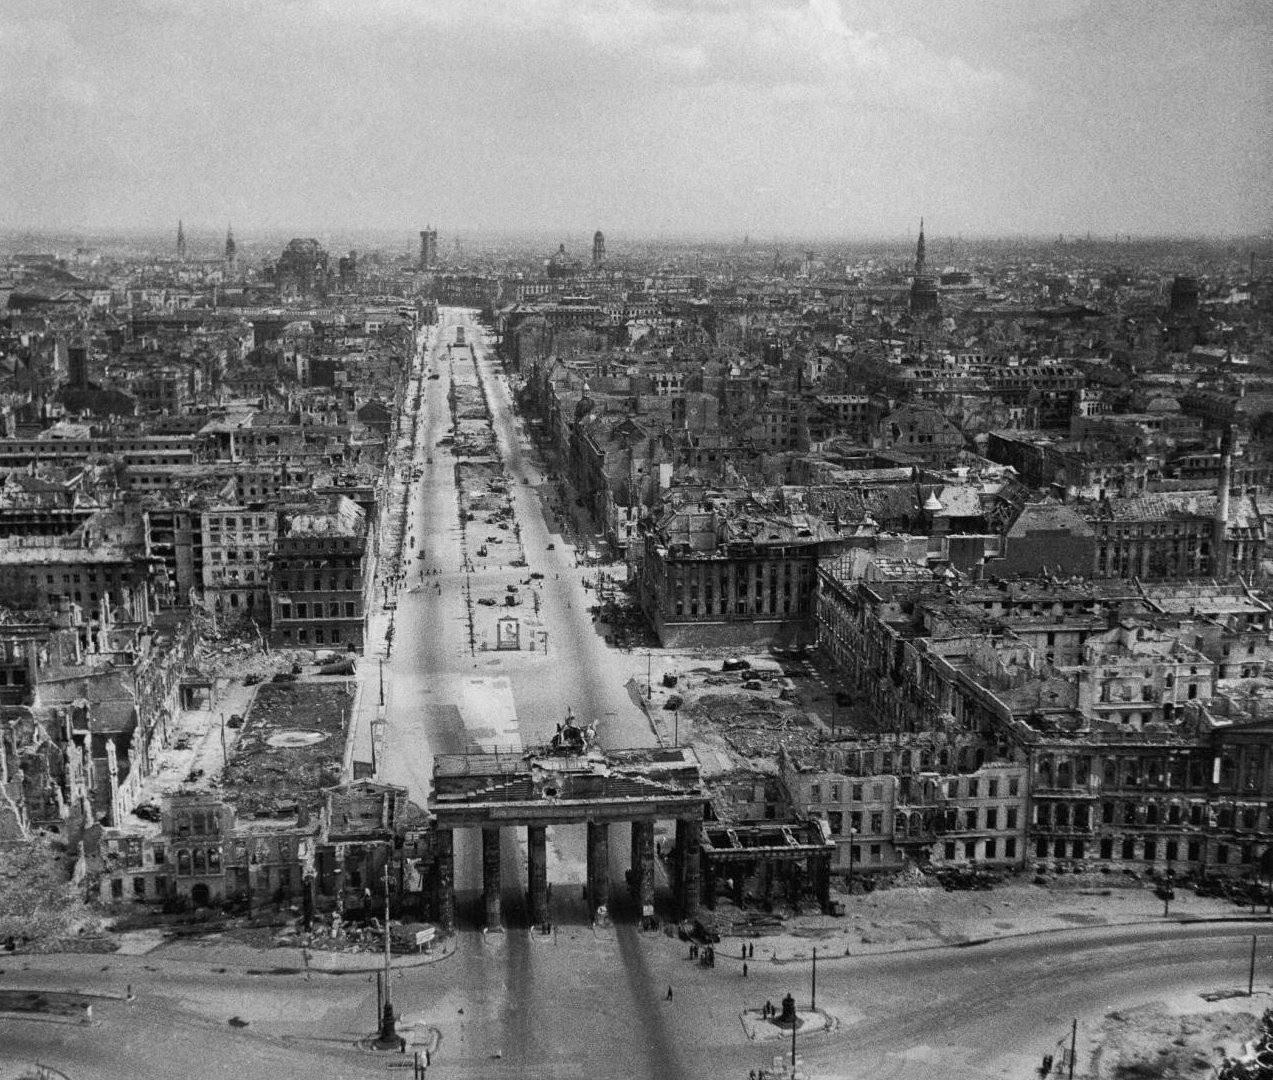 imagenes historicas increibles 24